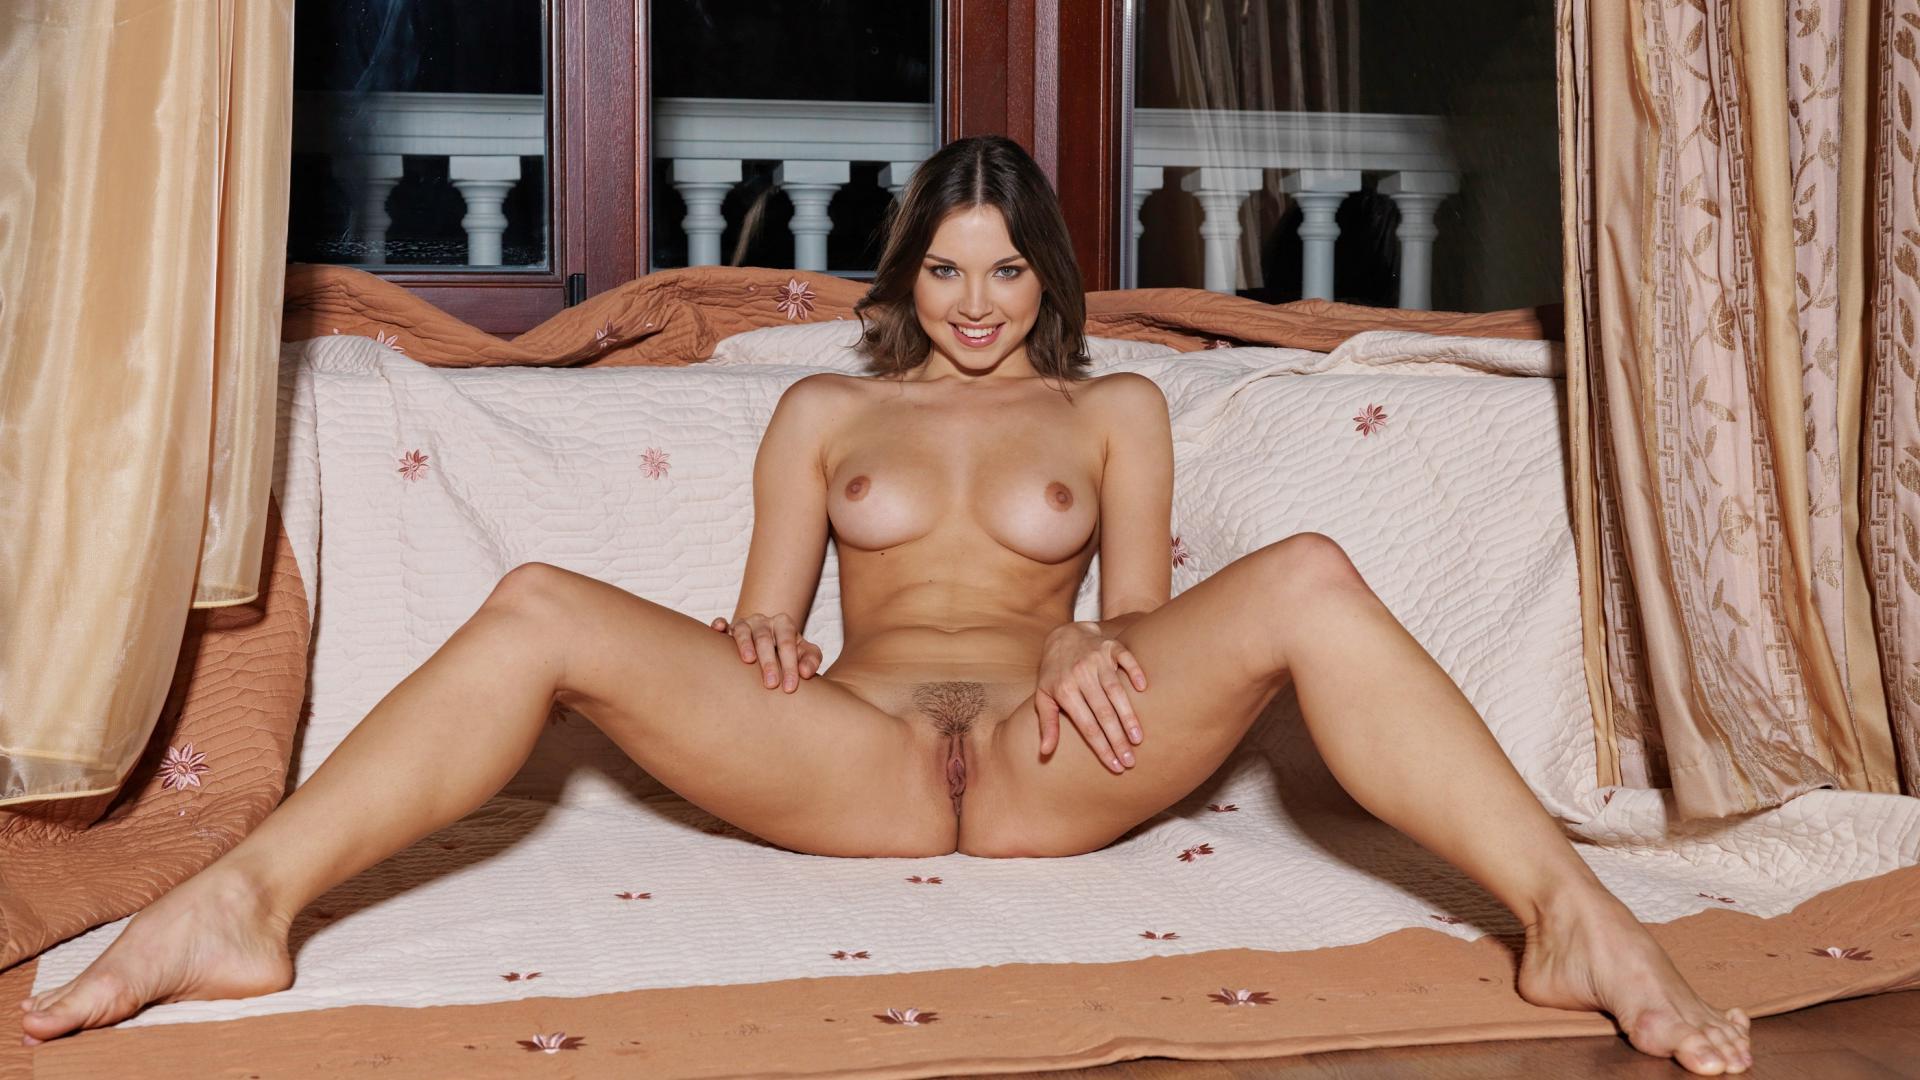 Big long dildo porn